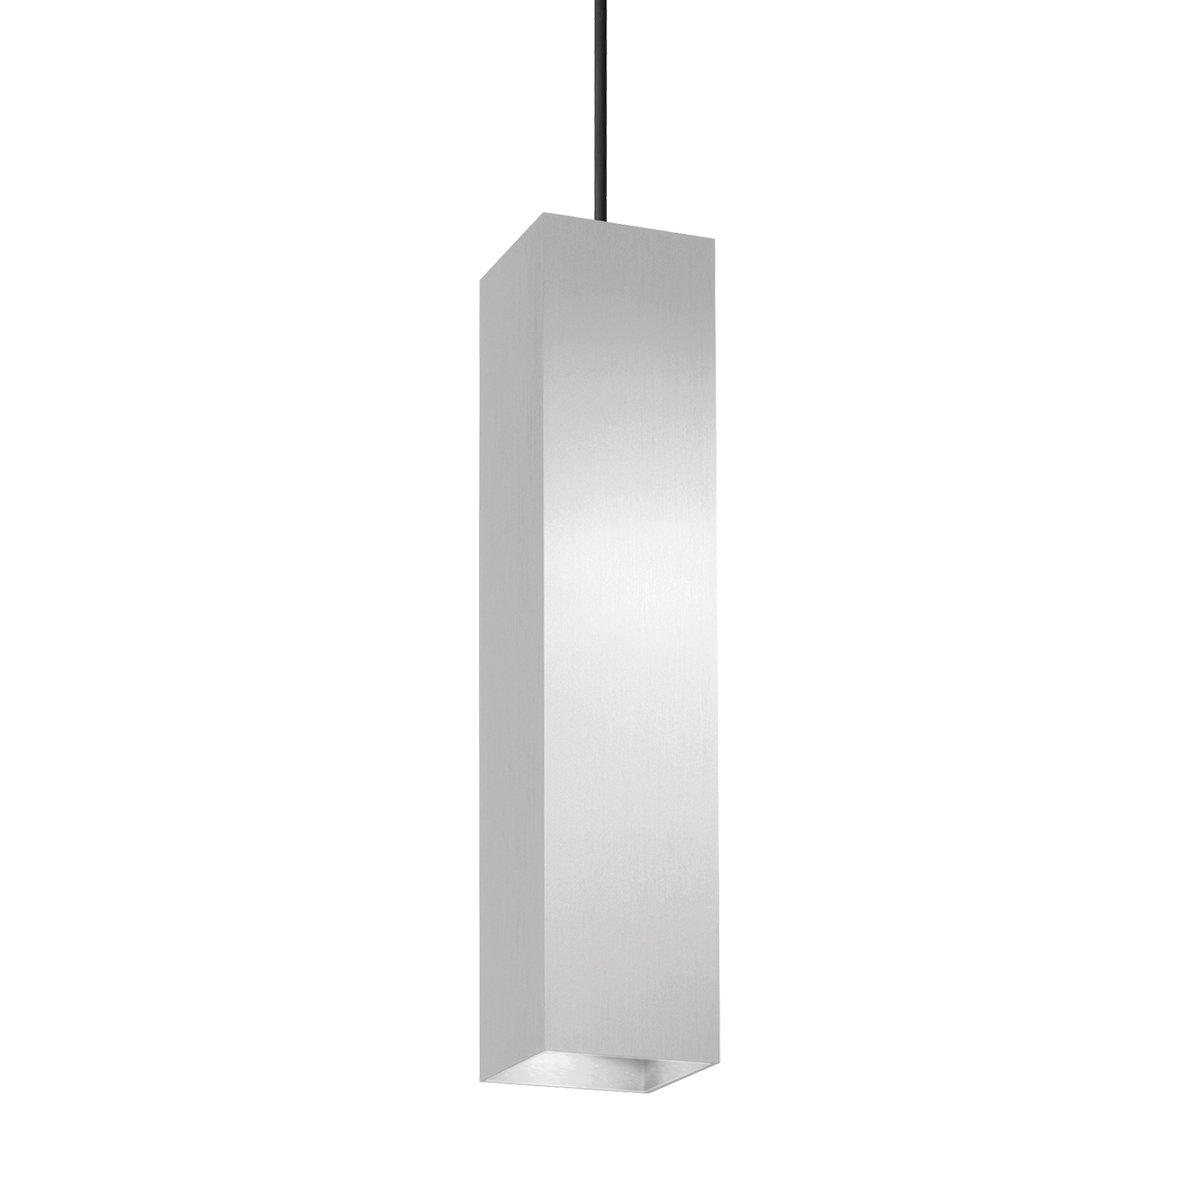 Wever & Ducr� Box 3.0 Hanglamp Box 3.0 - Aluminium Brushed - 1800-2850 Kelvin